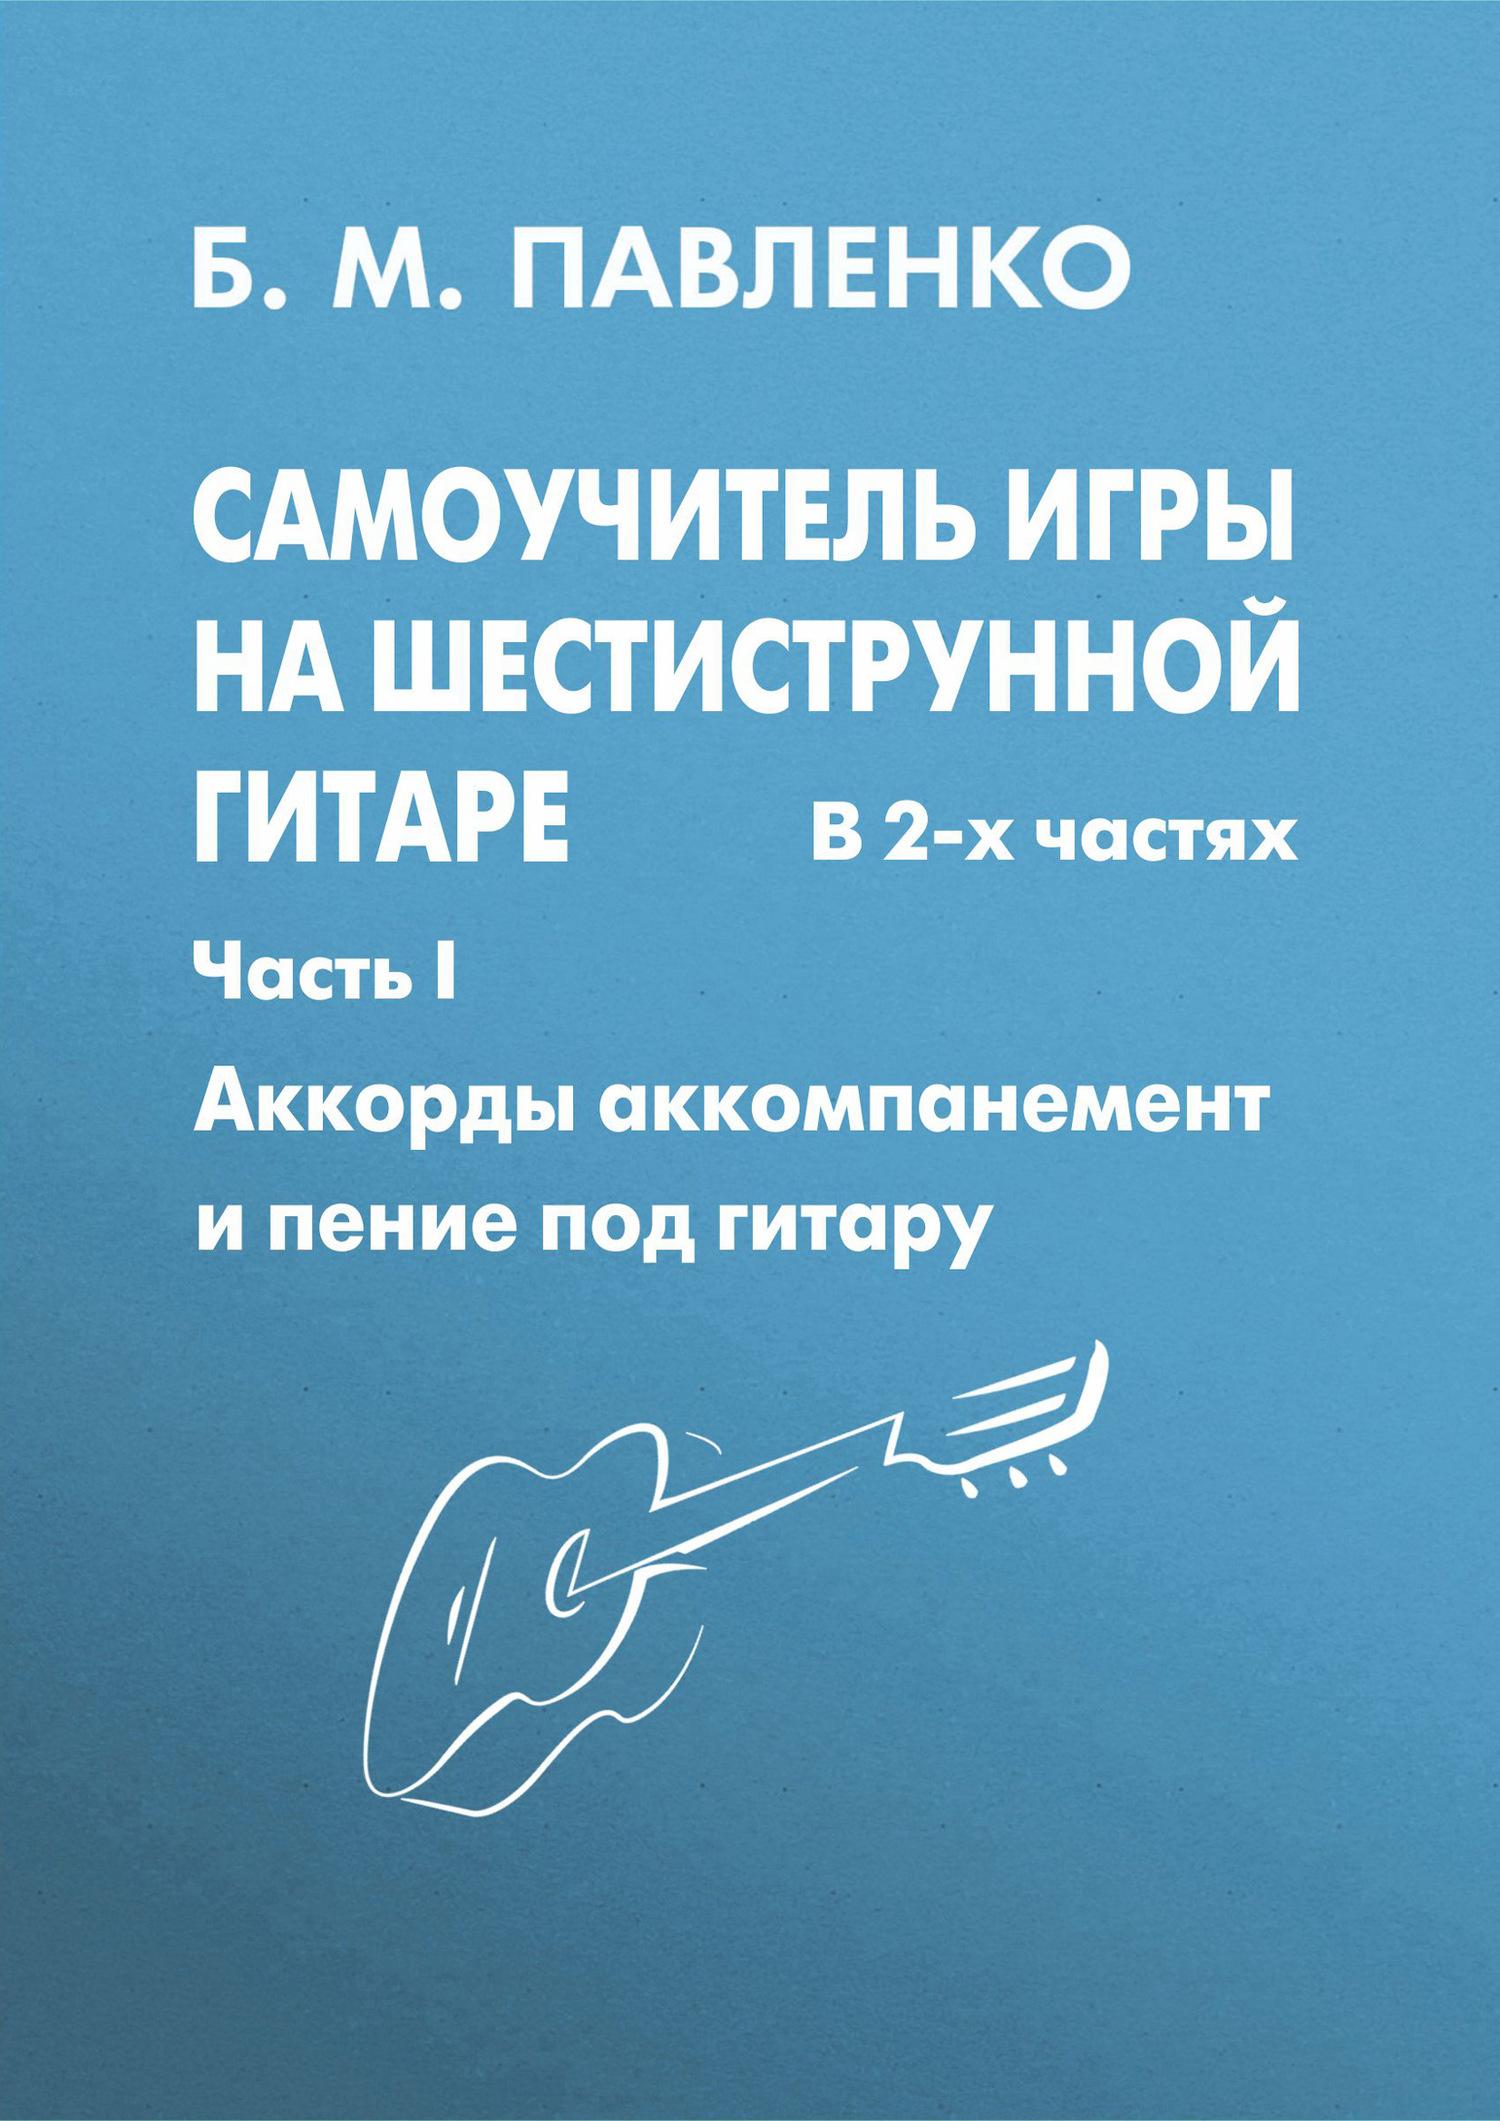 Б. М. Павленко Самоучитель игры на шестиструнной гитаре в 2-х частях. Аккорды, аккомпанемент и пение под гитару. Часть I ISBN: 978-5-222-13395-8 акустическая гитара виды аккомпанемента и обыгрывание аккордов